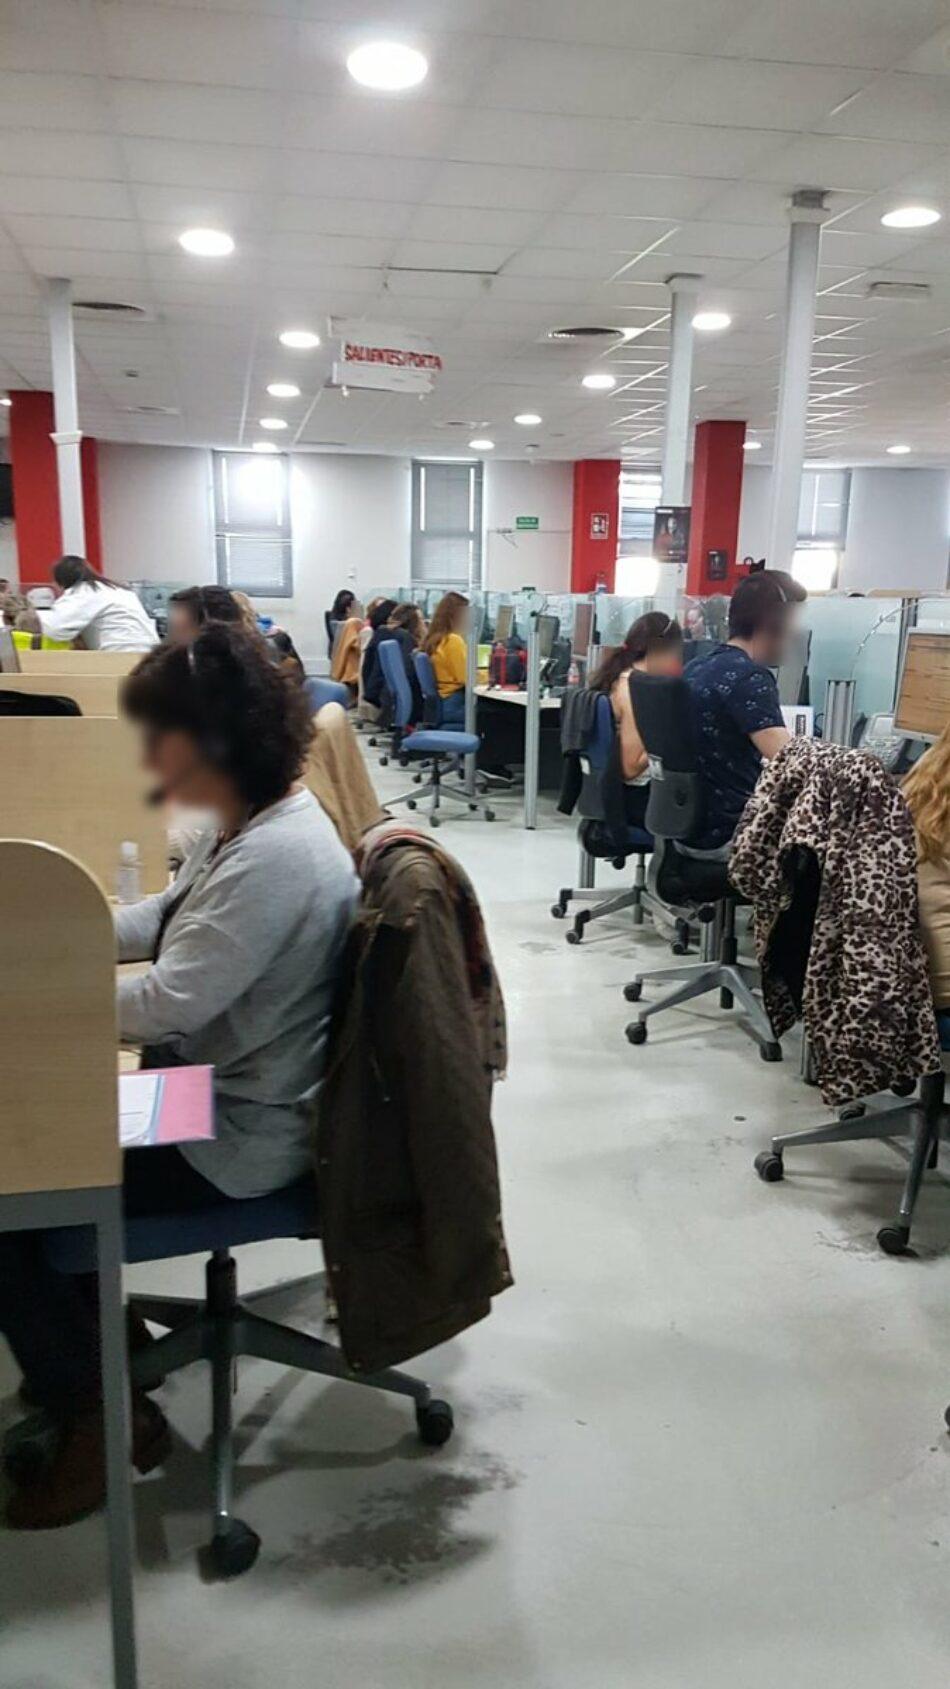 El Comité de empresa de Madrid paraliza la actividad de la principal subcontrata de telemarketing por el Covid-19